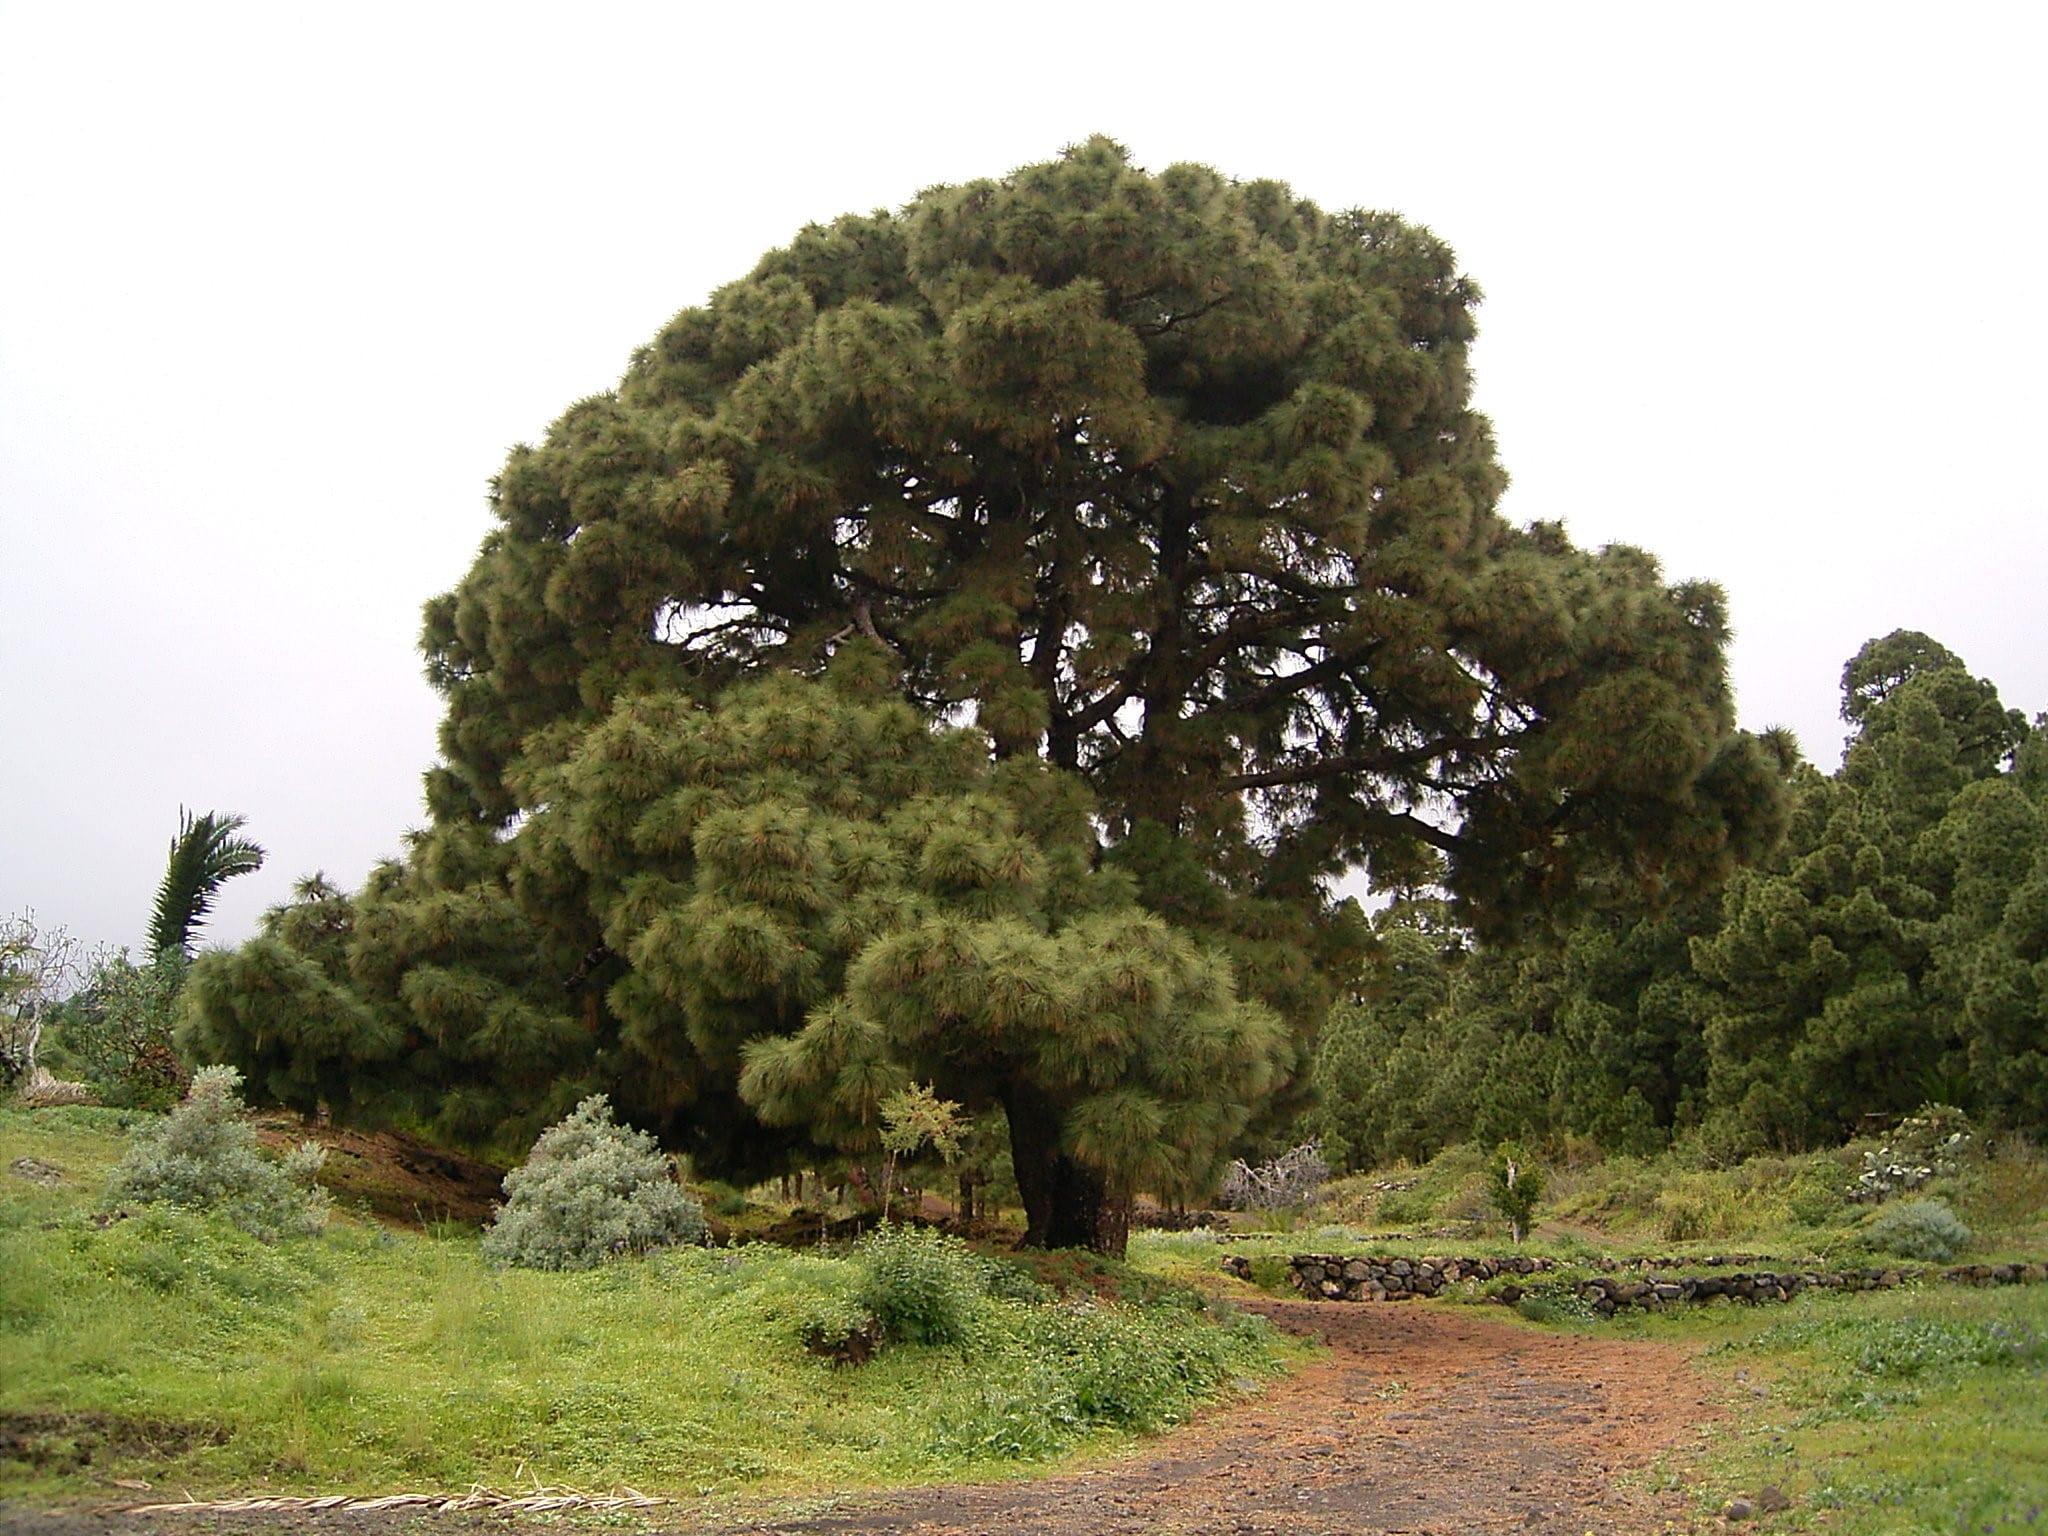 Ejemplar adulto de pino canario